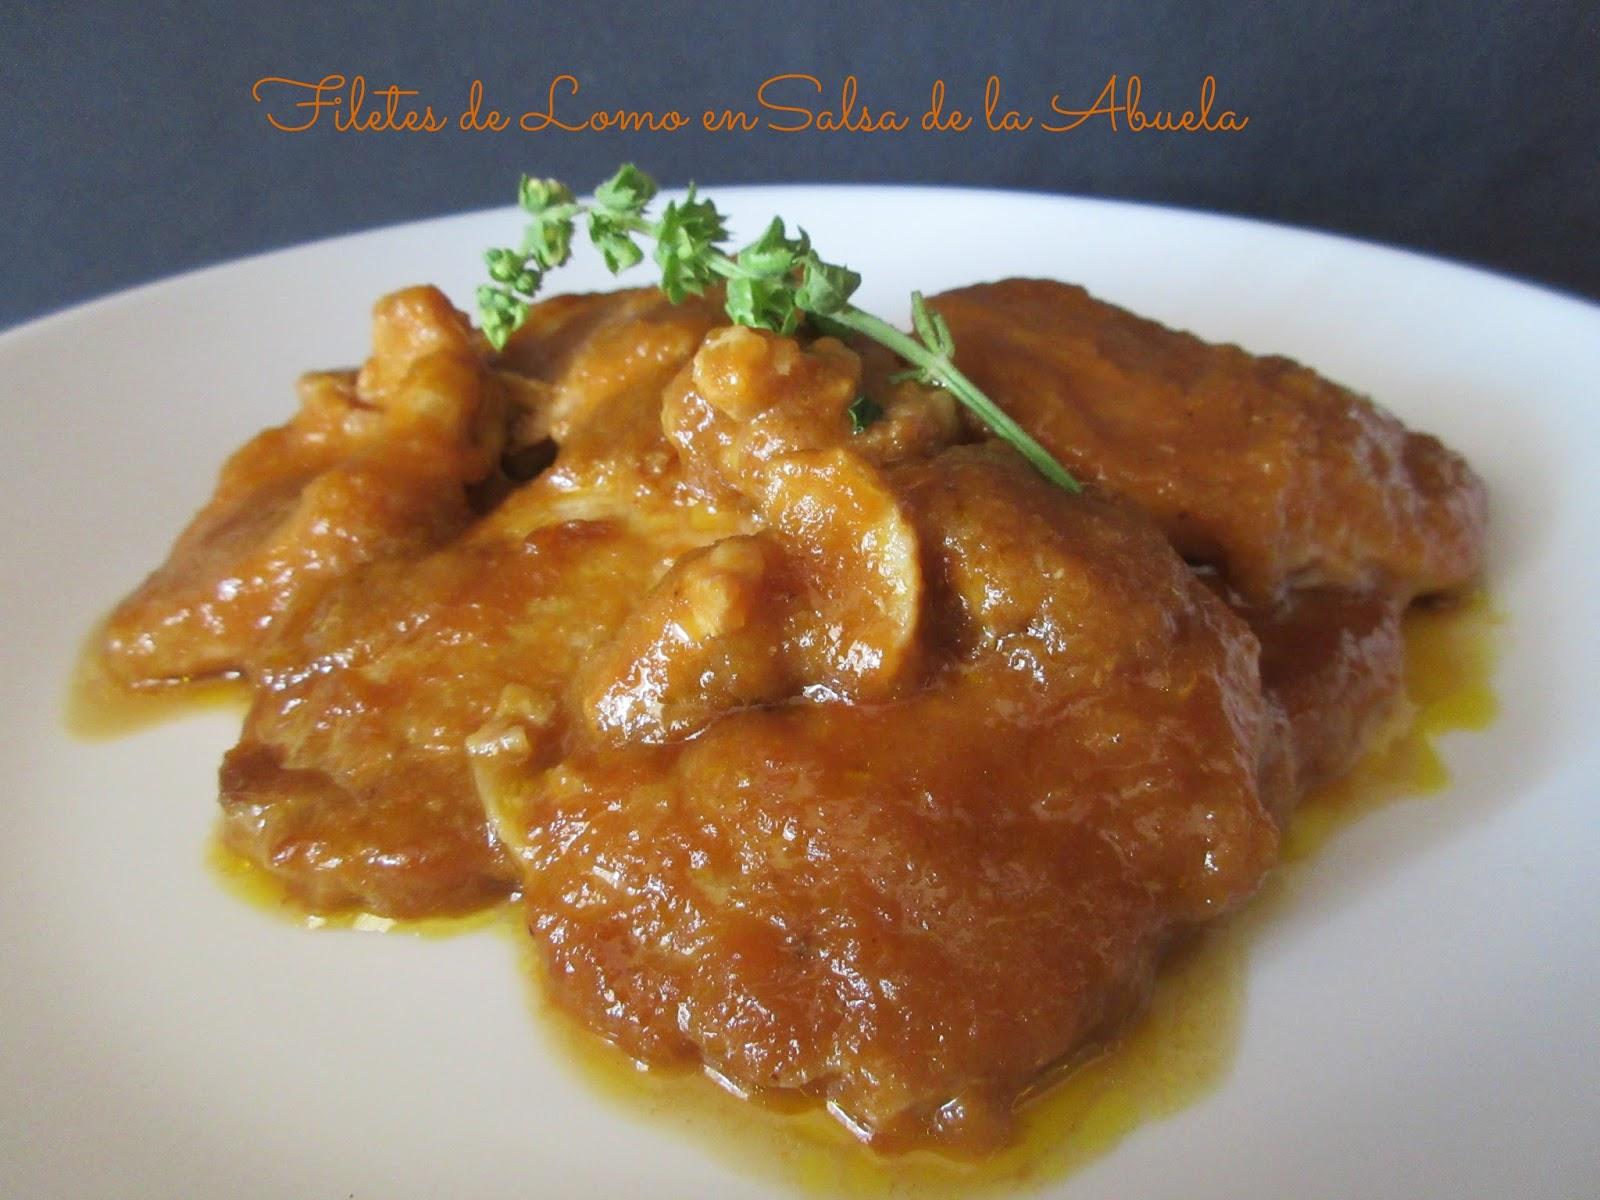 Filetes De Lomo En Salsa De La Abuela Lavueltaalcolets Cocina Con Reina